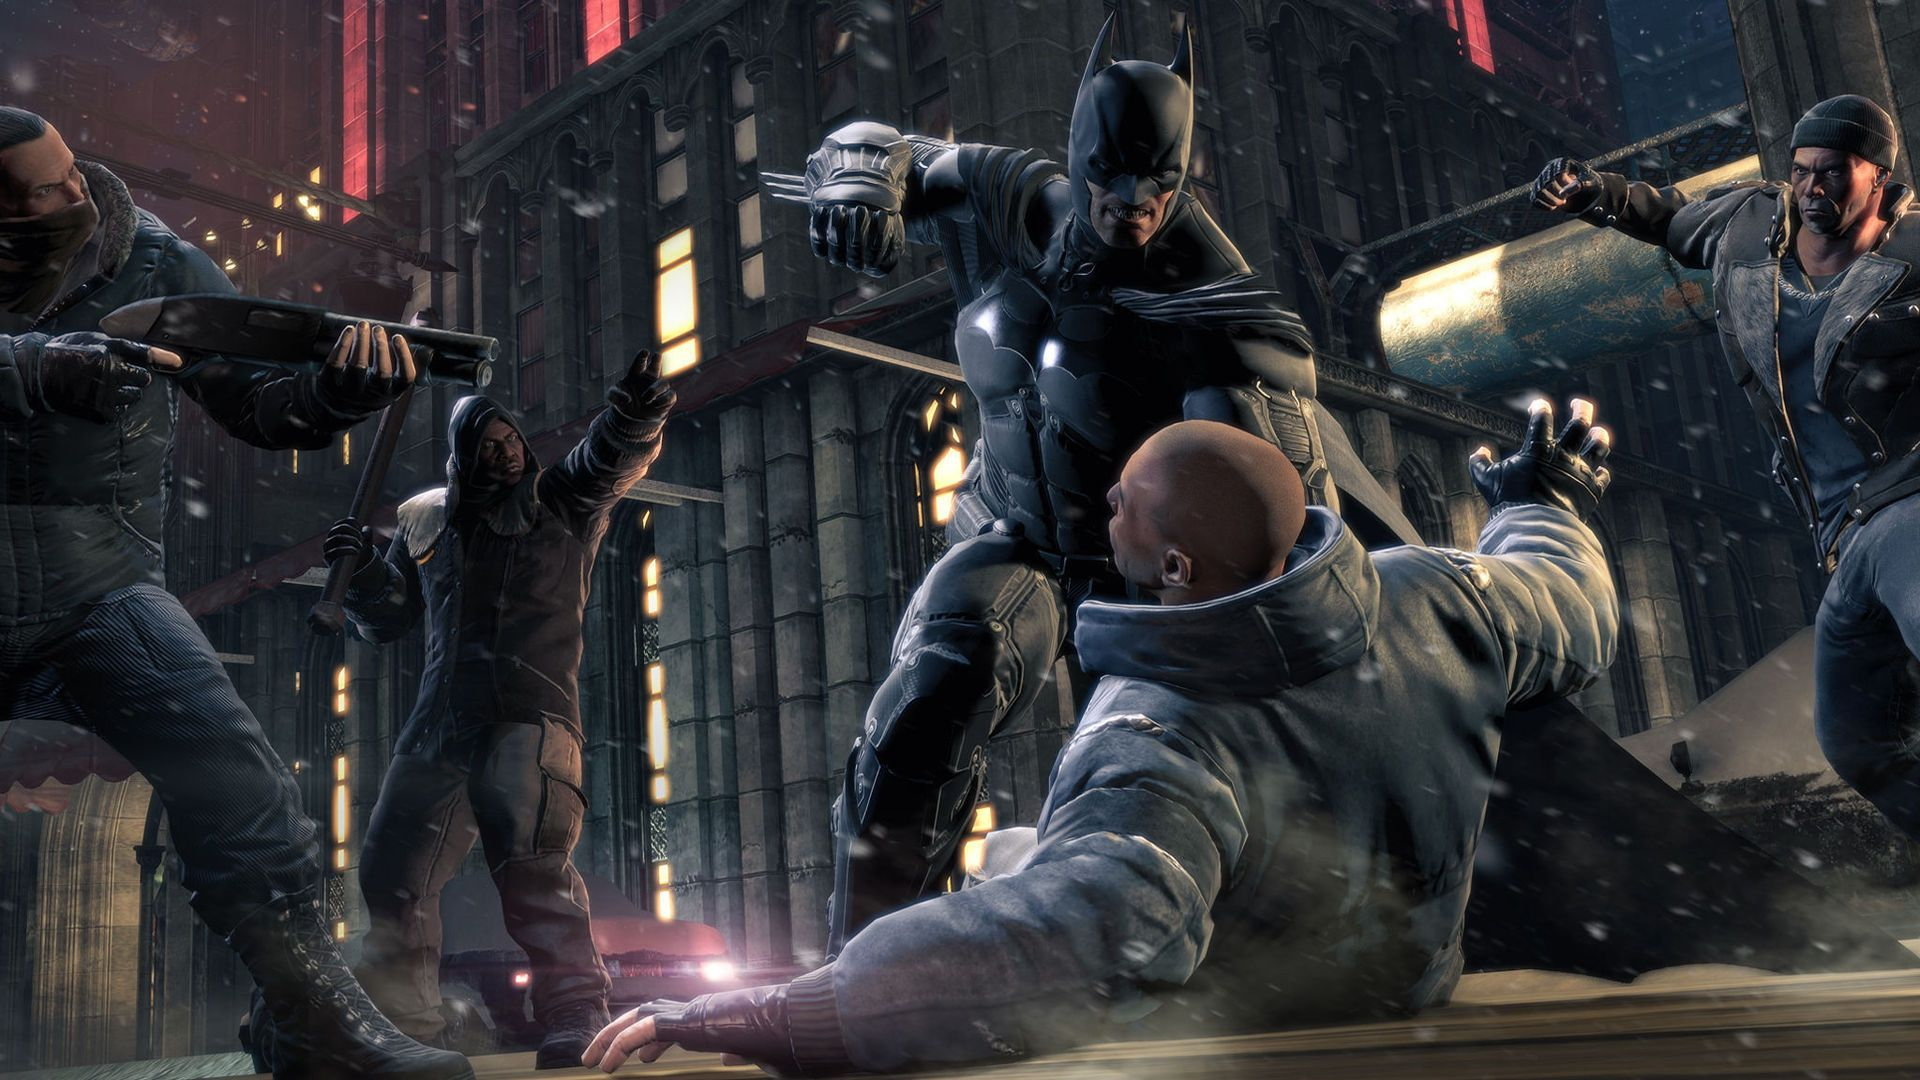 #ArkhamOrigins #BatmanArkhamOrigins  Para más información sobre #videojuegos síguenos en Twitter: https://twitter.com/TS_Videojuegos y en www.todosobrevideojuegos.com